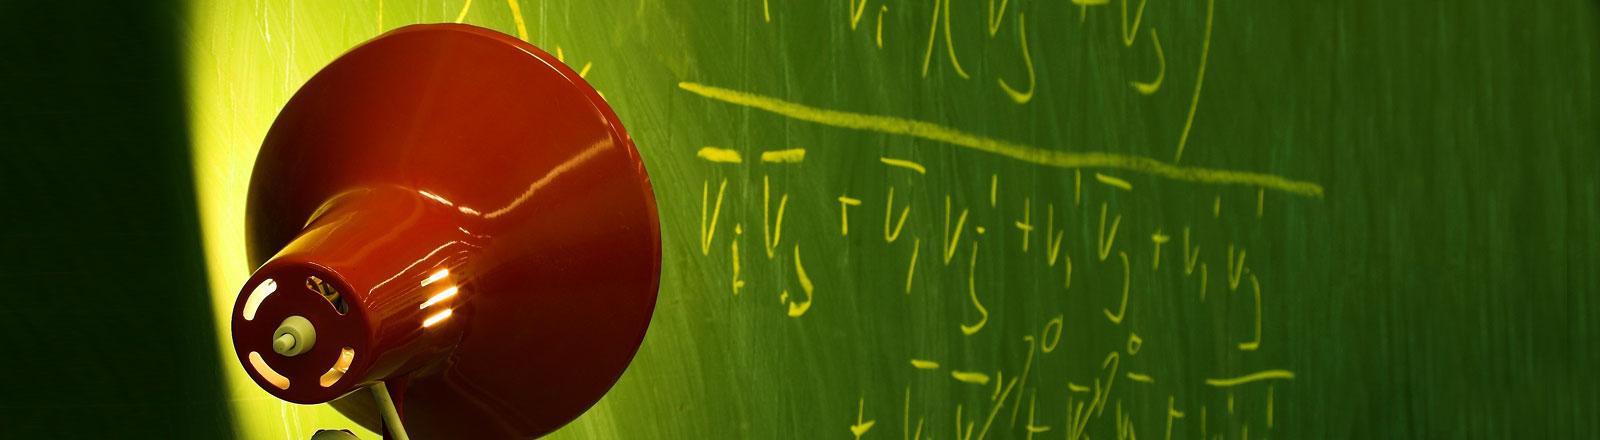 Formeln an einer Tafel.